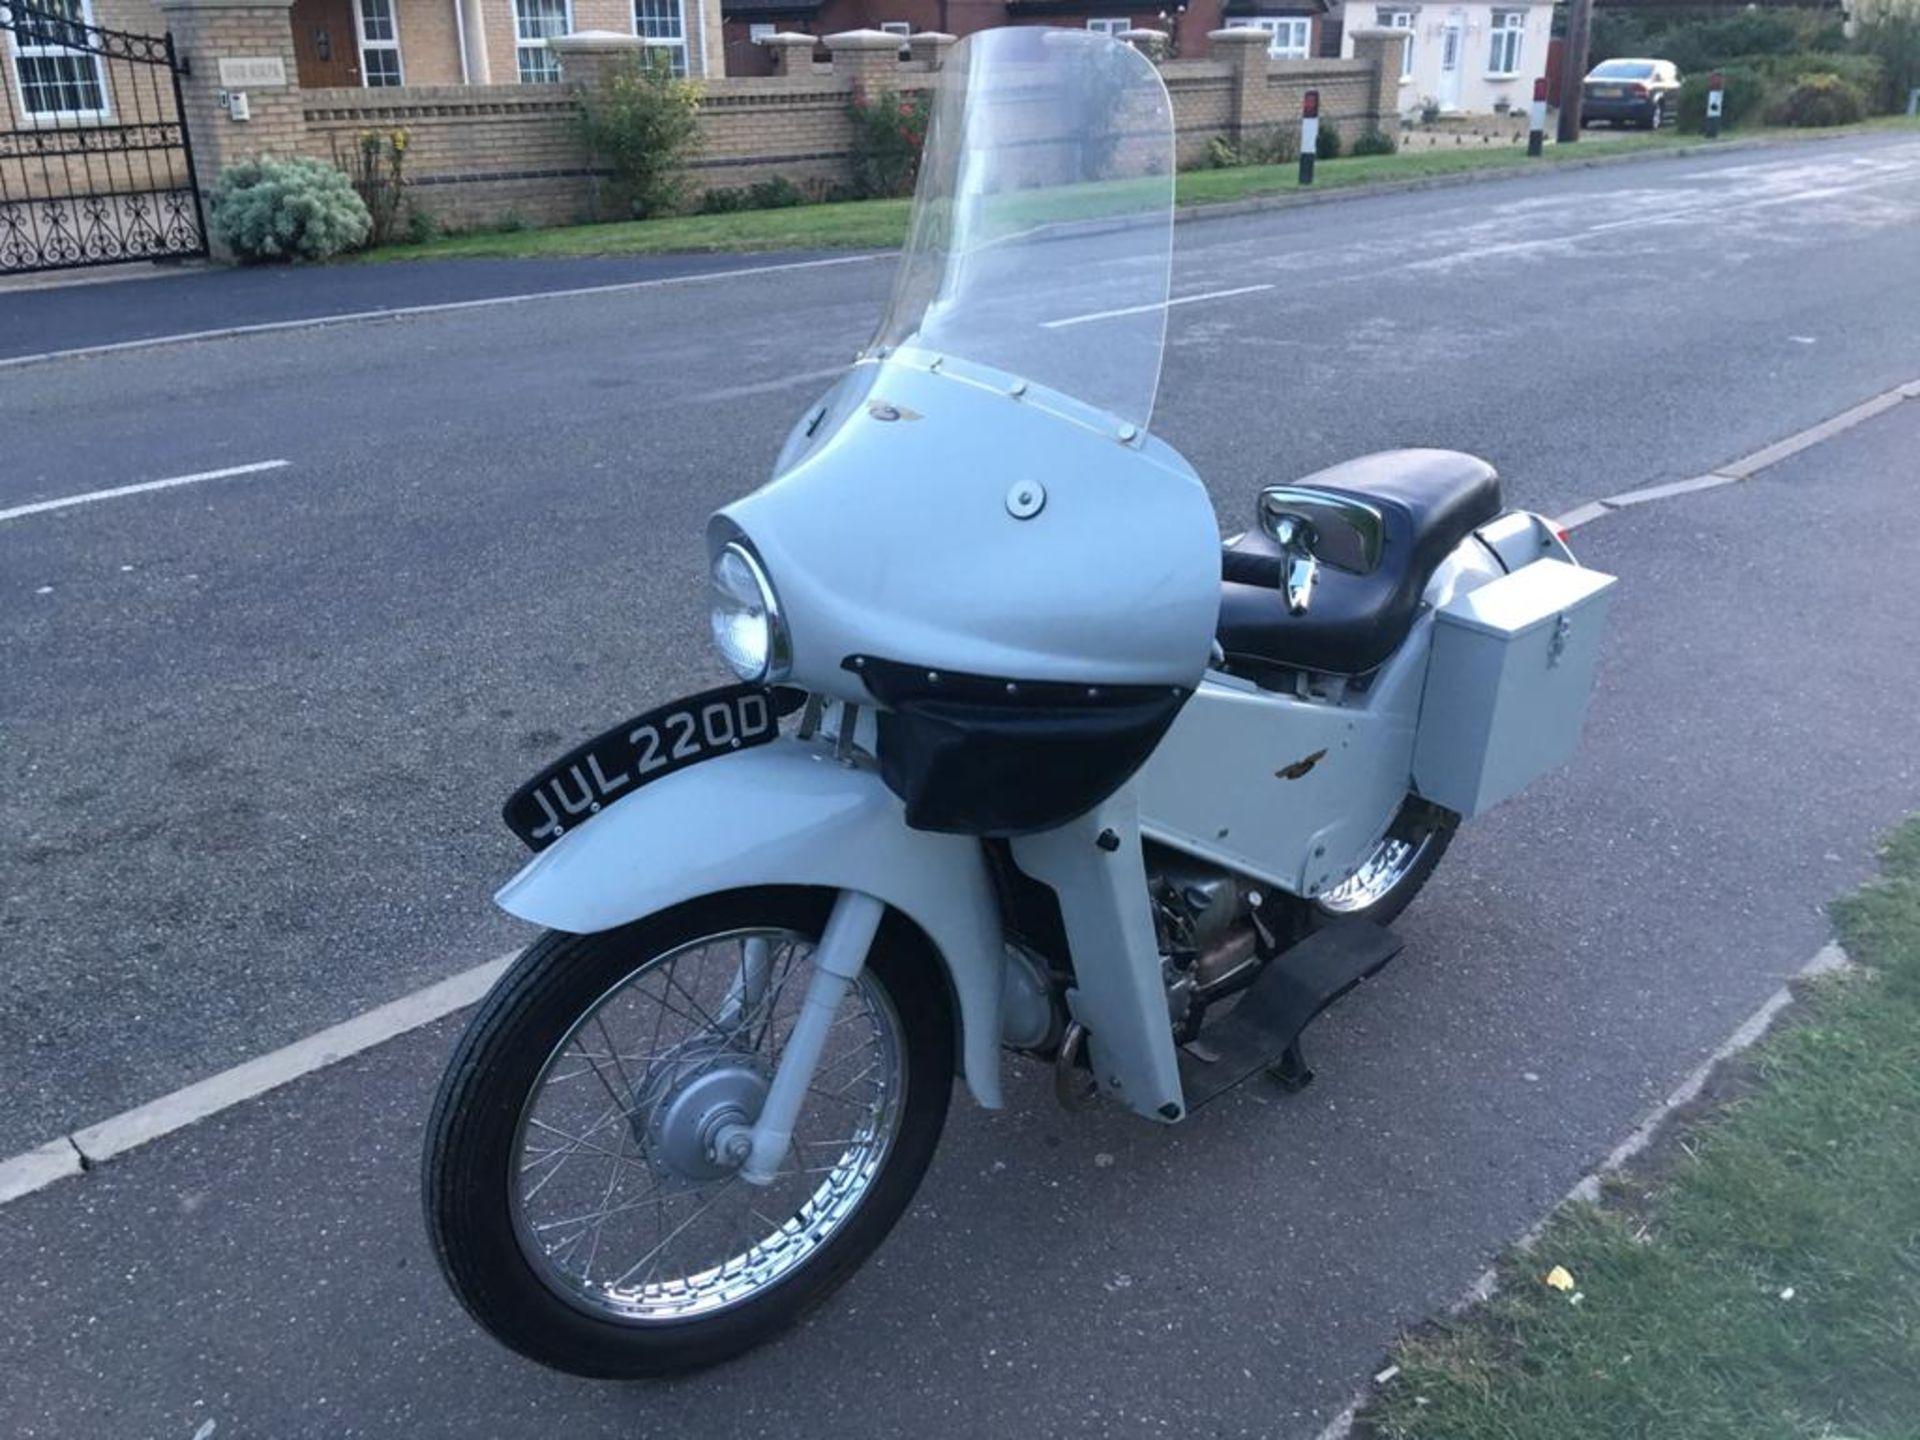 1966 VELOCETTE MOTOR BIKE - Image 3 of 13